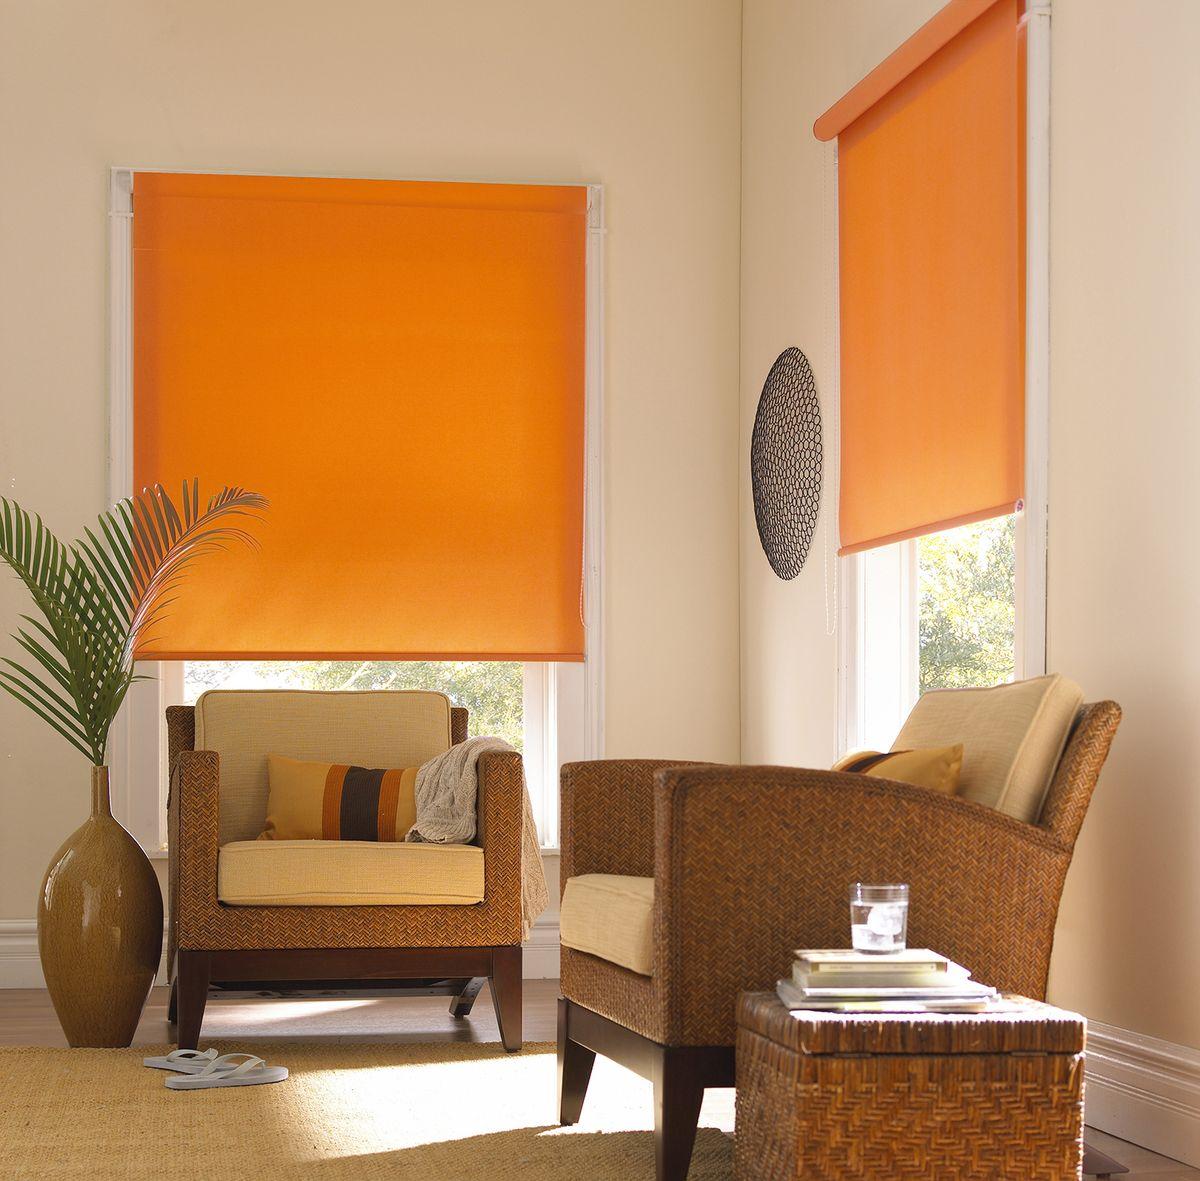 Штора рулонная Эскар Миниролло, цвет: апельсин, ширина 90 см, высота 170 см31203090170Рулонная штора Эскар Миниролло выполнена из высокопрочной ткани, которая сохраняет свой размер даже при намокании. Ткань не выцветает и обладает отличной цветоустойчивостью.Миниролло - это подвид рулонных штор, который закрывает не весь оконный проем, а непосредственно само стекло. Такие шторы крепятся на раму без сверления при помощи зажимов или клейкой двухсторонней ленты (в комплекте). Окно остается на гарантии, благодаря монтажу без сверления. Такая штора станет прекрасным элементом декора окна и гармонично впишется в интерьер любого помещения.